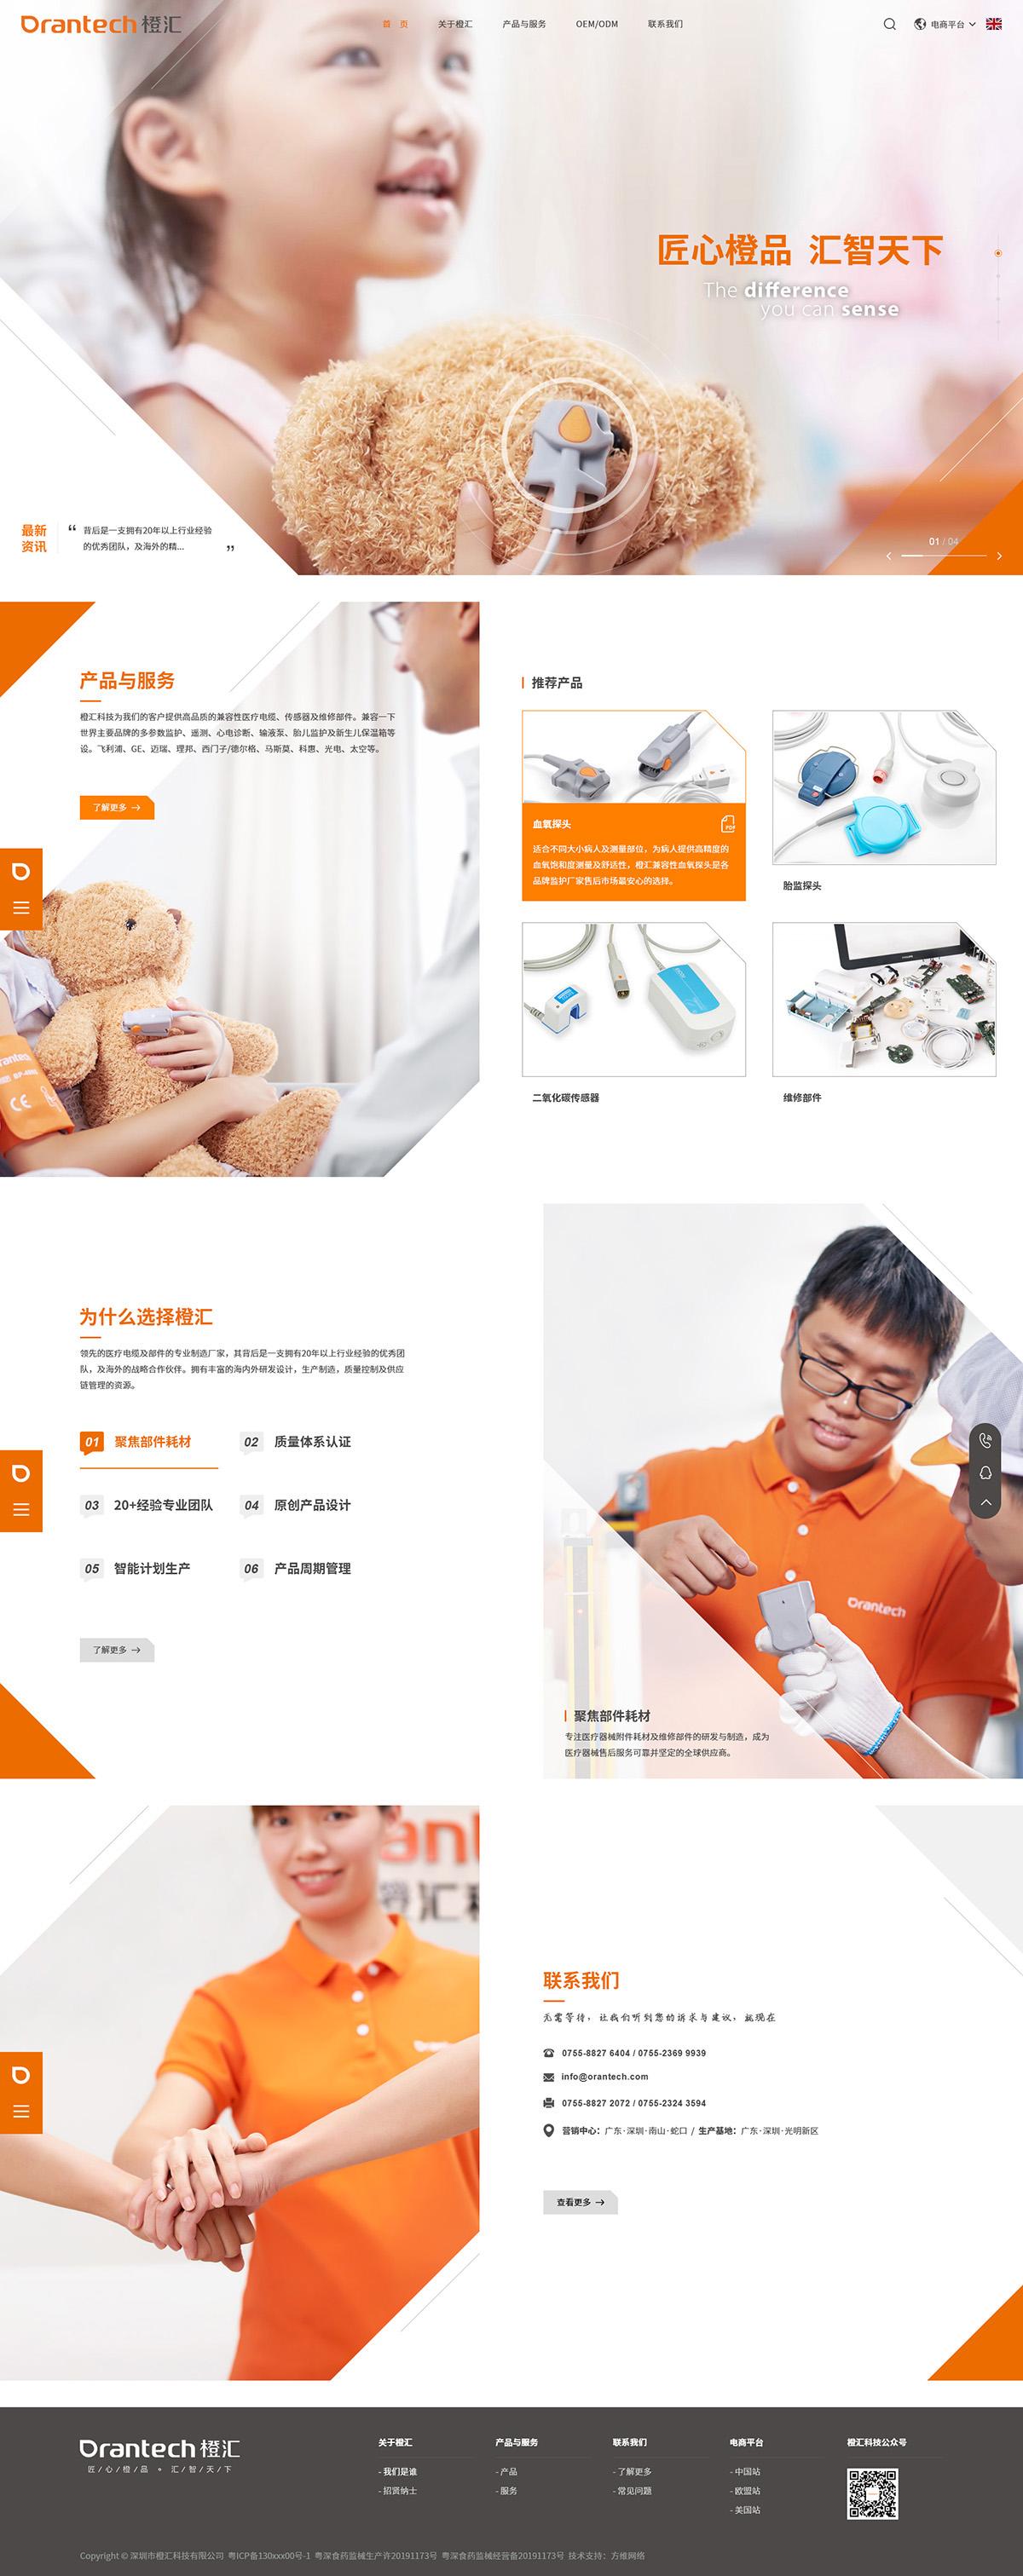 橙汇科技网站案例